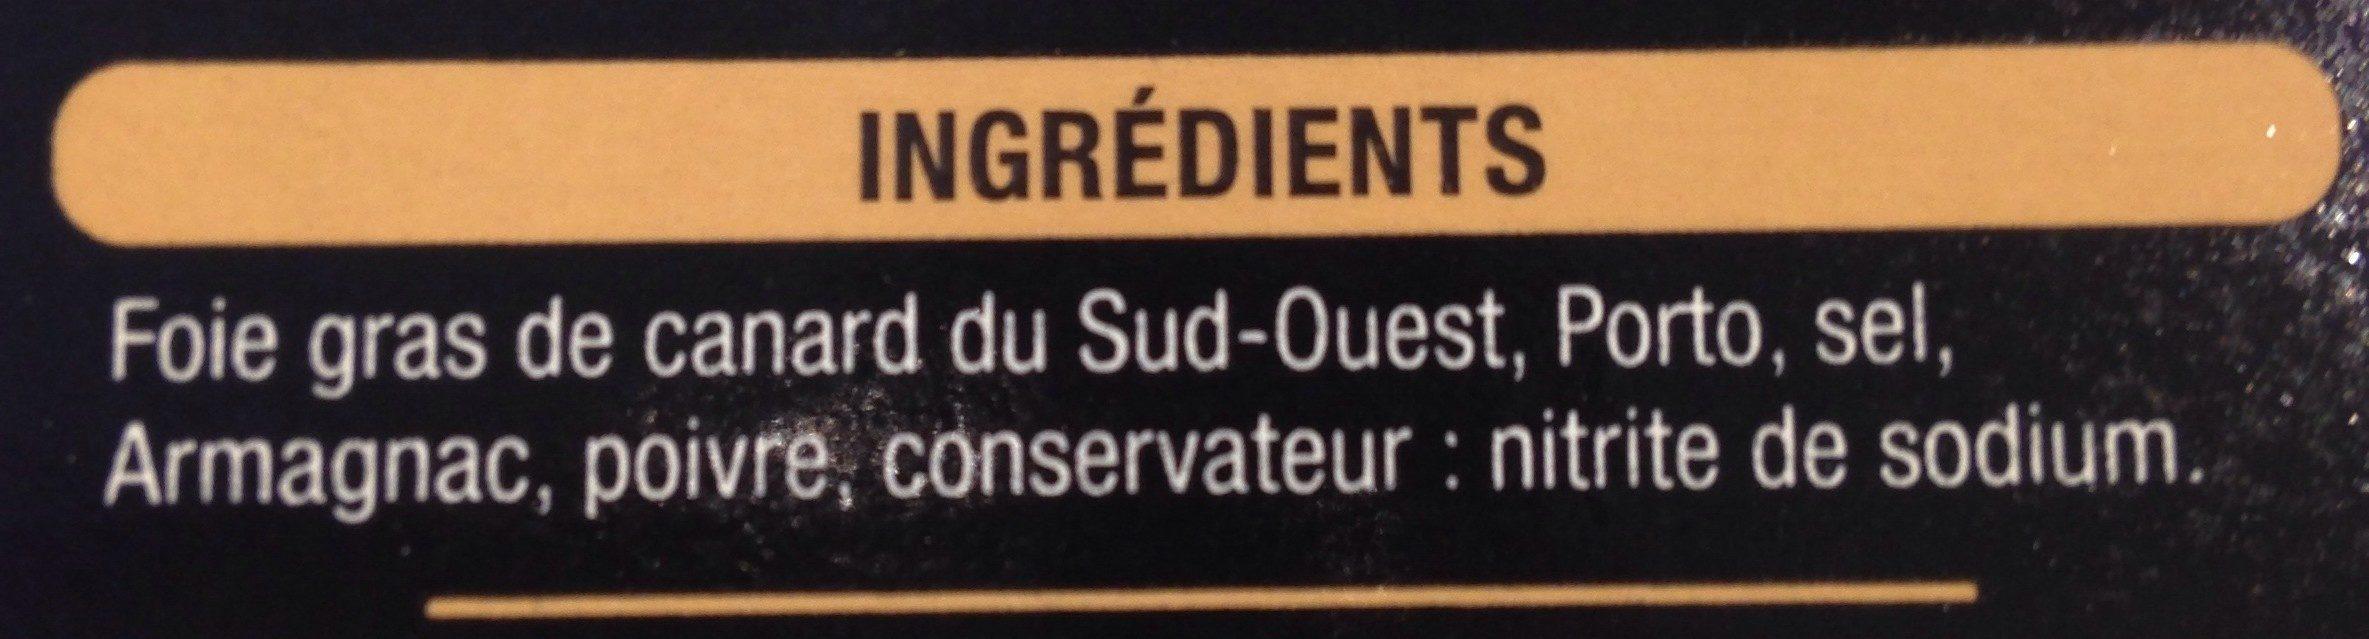 Duo de foie gras de canard entier du Sud-Ouest - Ingredients